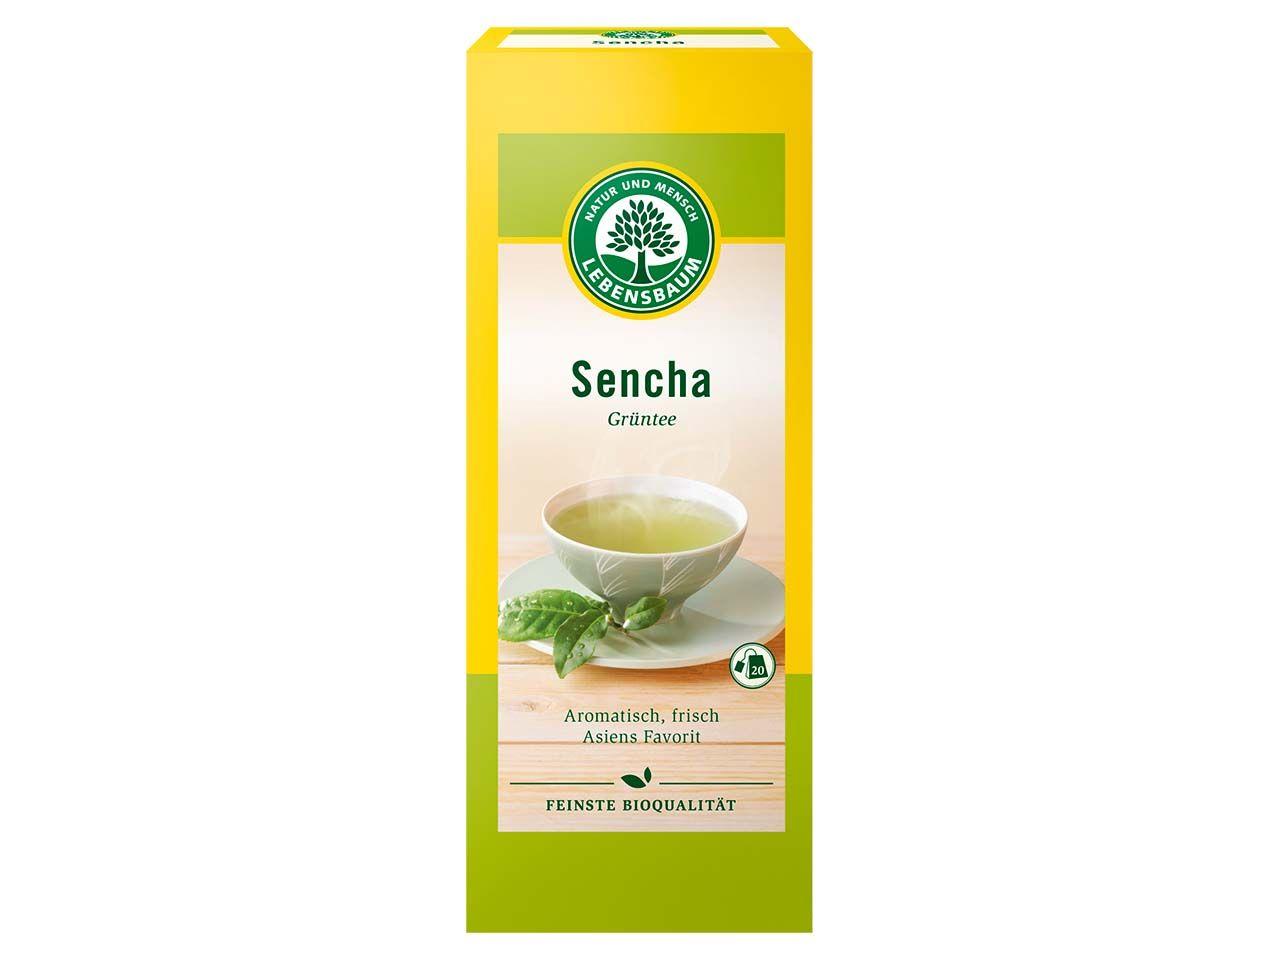 Lebensbaum Grüner Bio-Tee Sencha, 20 x 1,5 g 5116